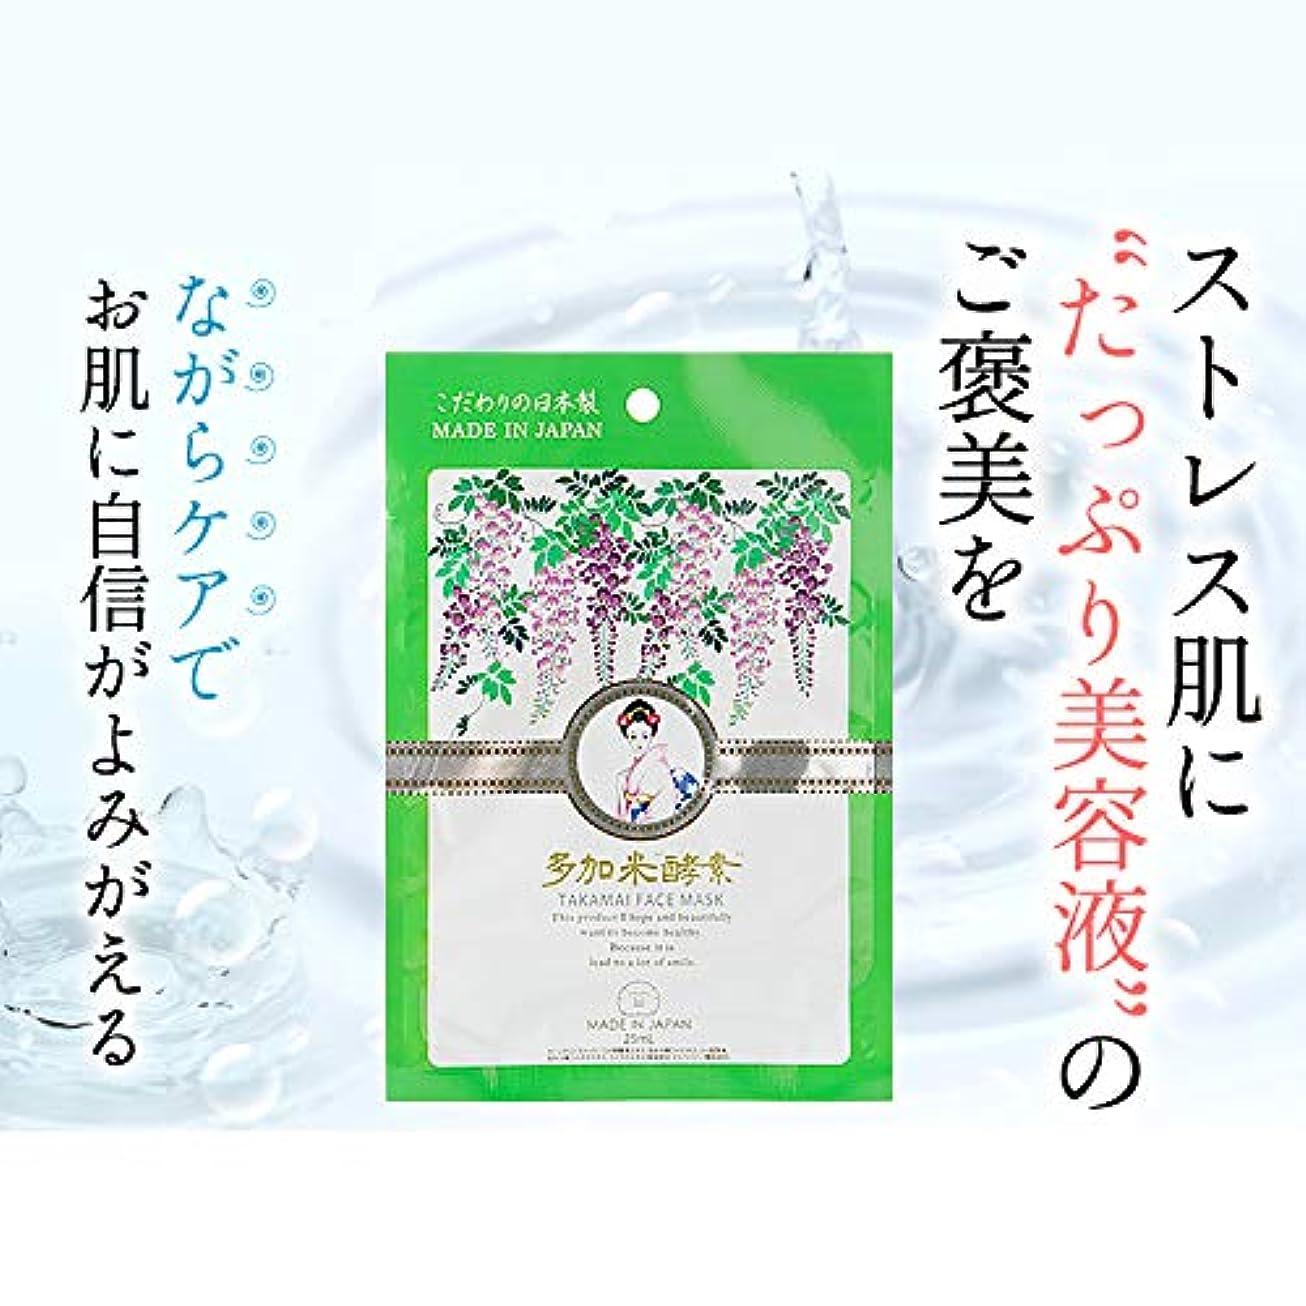 ナプキン新着ジュース多加米酵素フェイスマスク シートマスク フェイスマスク 保湿マスク 美容液 25ml 10枚セット